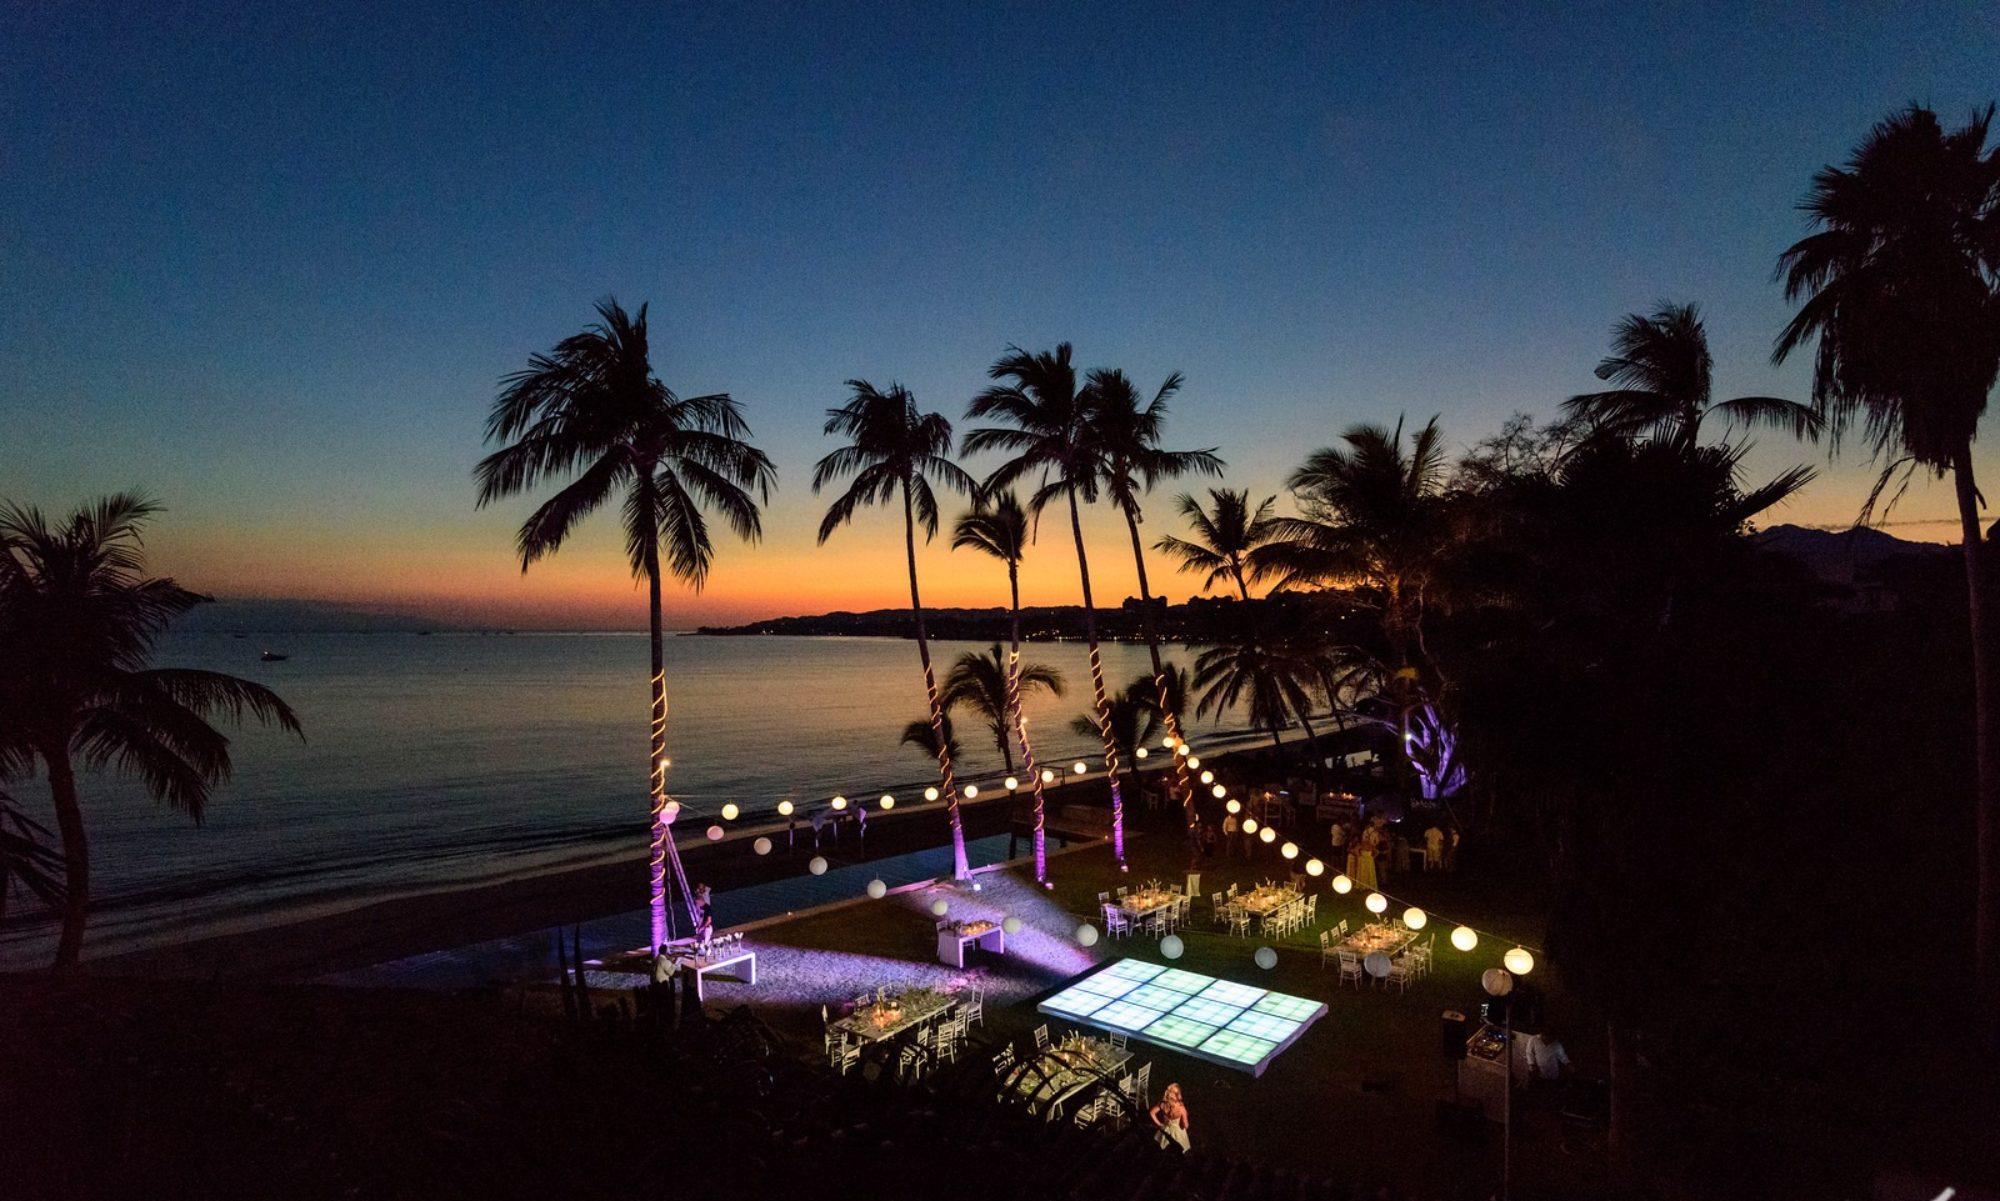 weddings venues mexico nayarit mexico bucerias-puntamita-sayulita-area